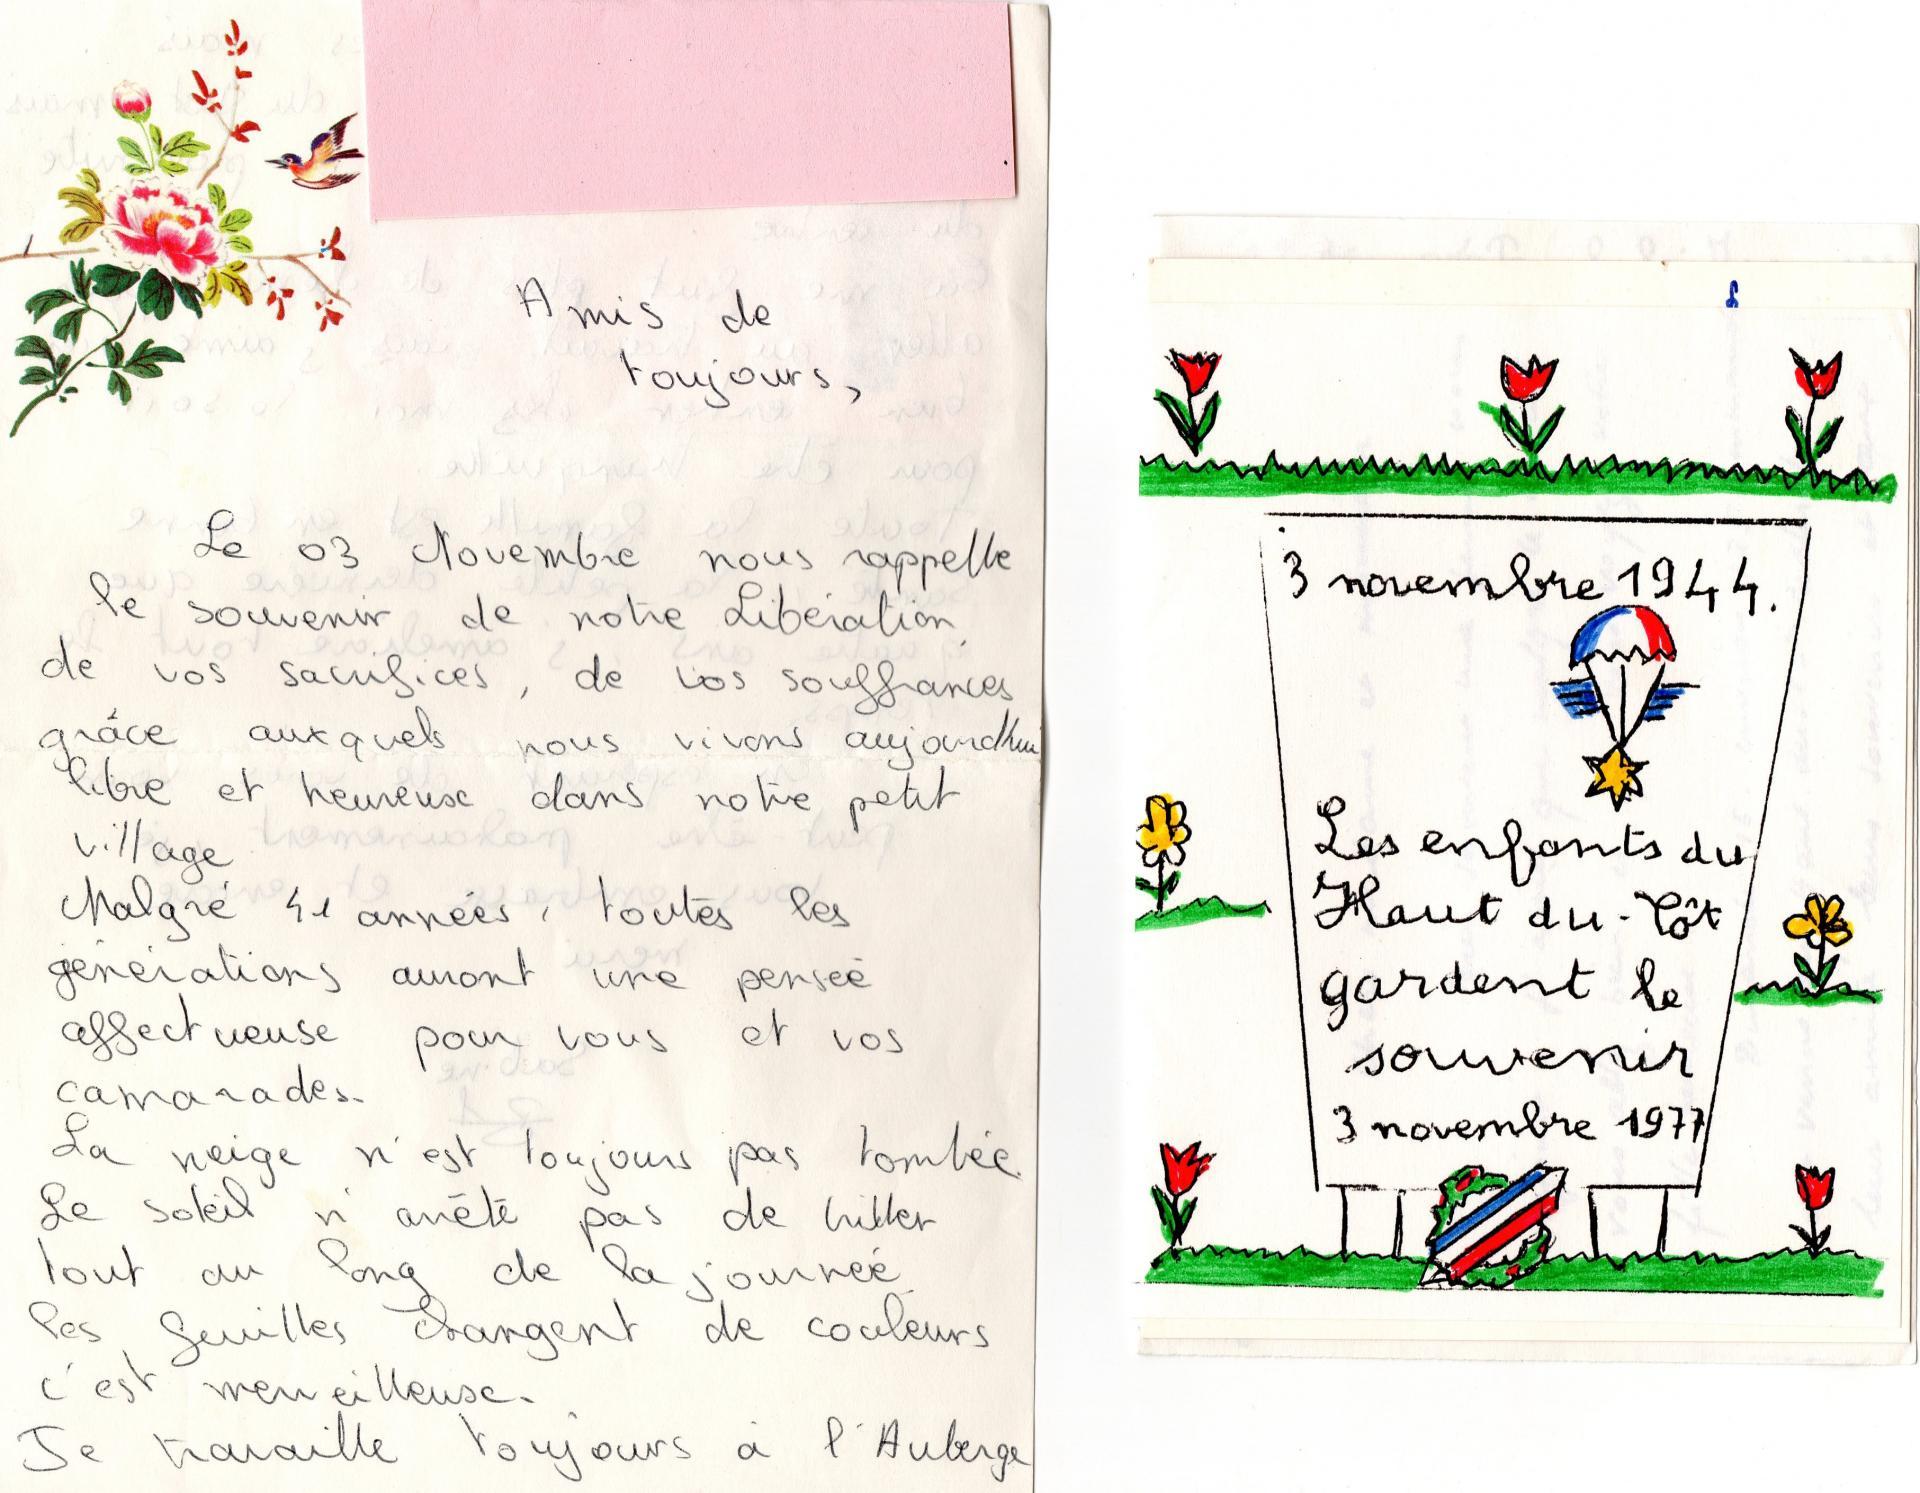 Lettres d eleves haut du tot 1977 1985 003